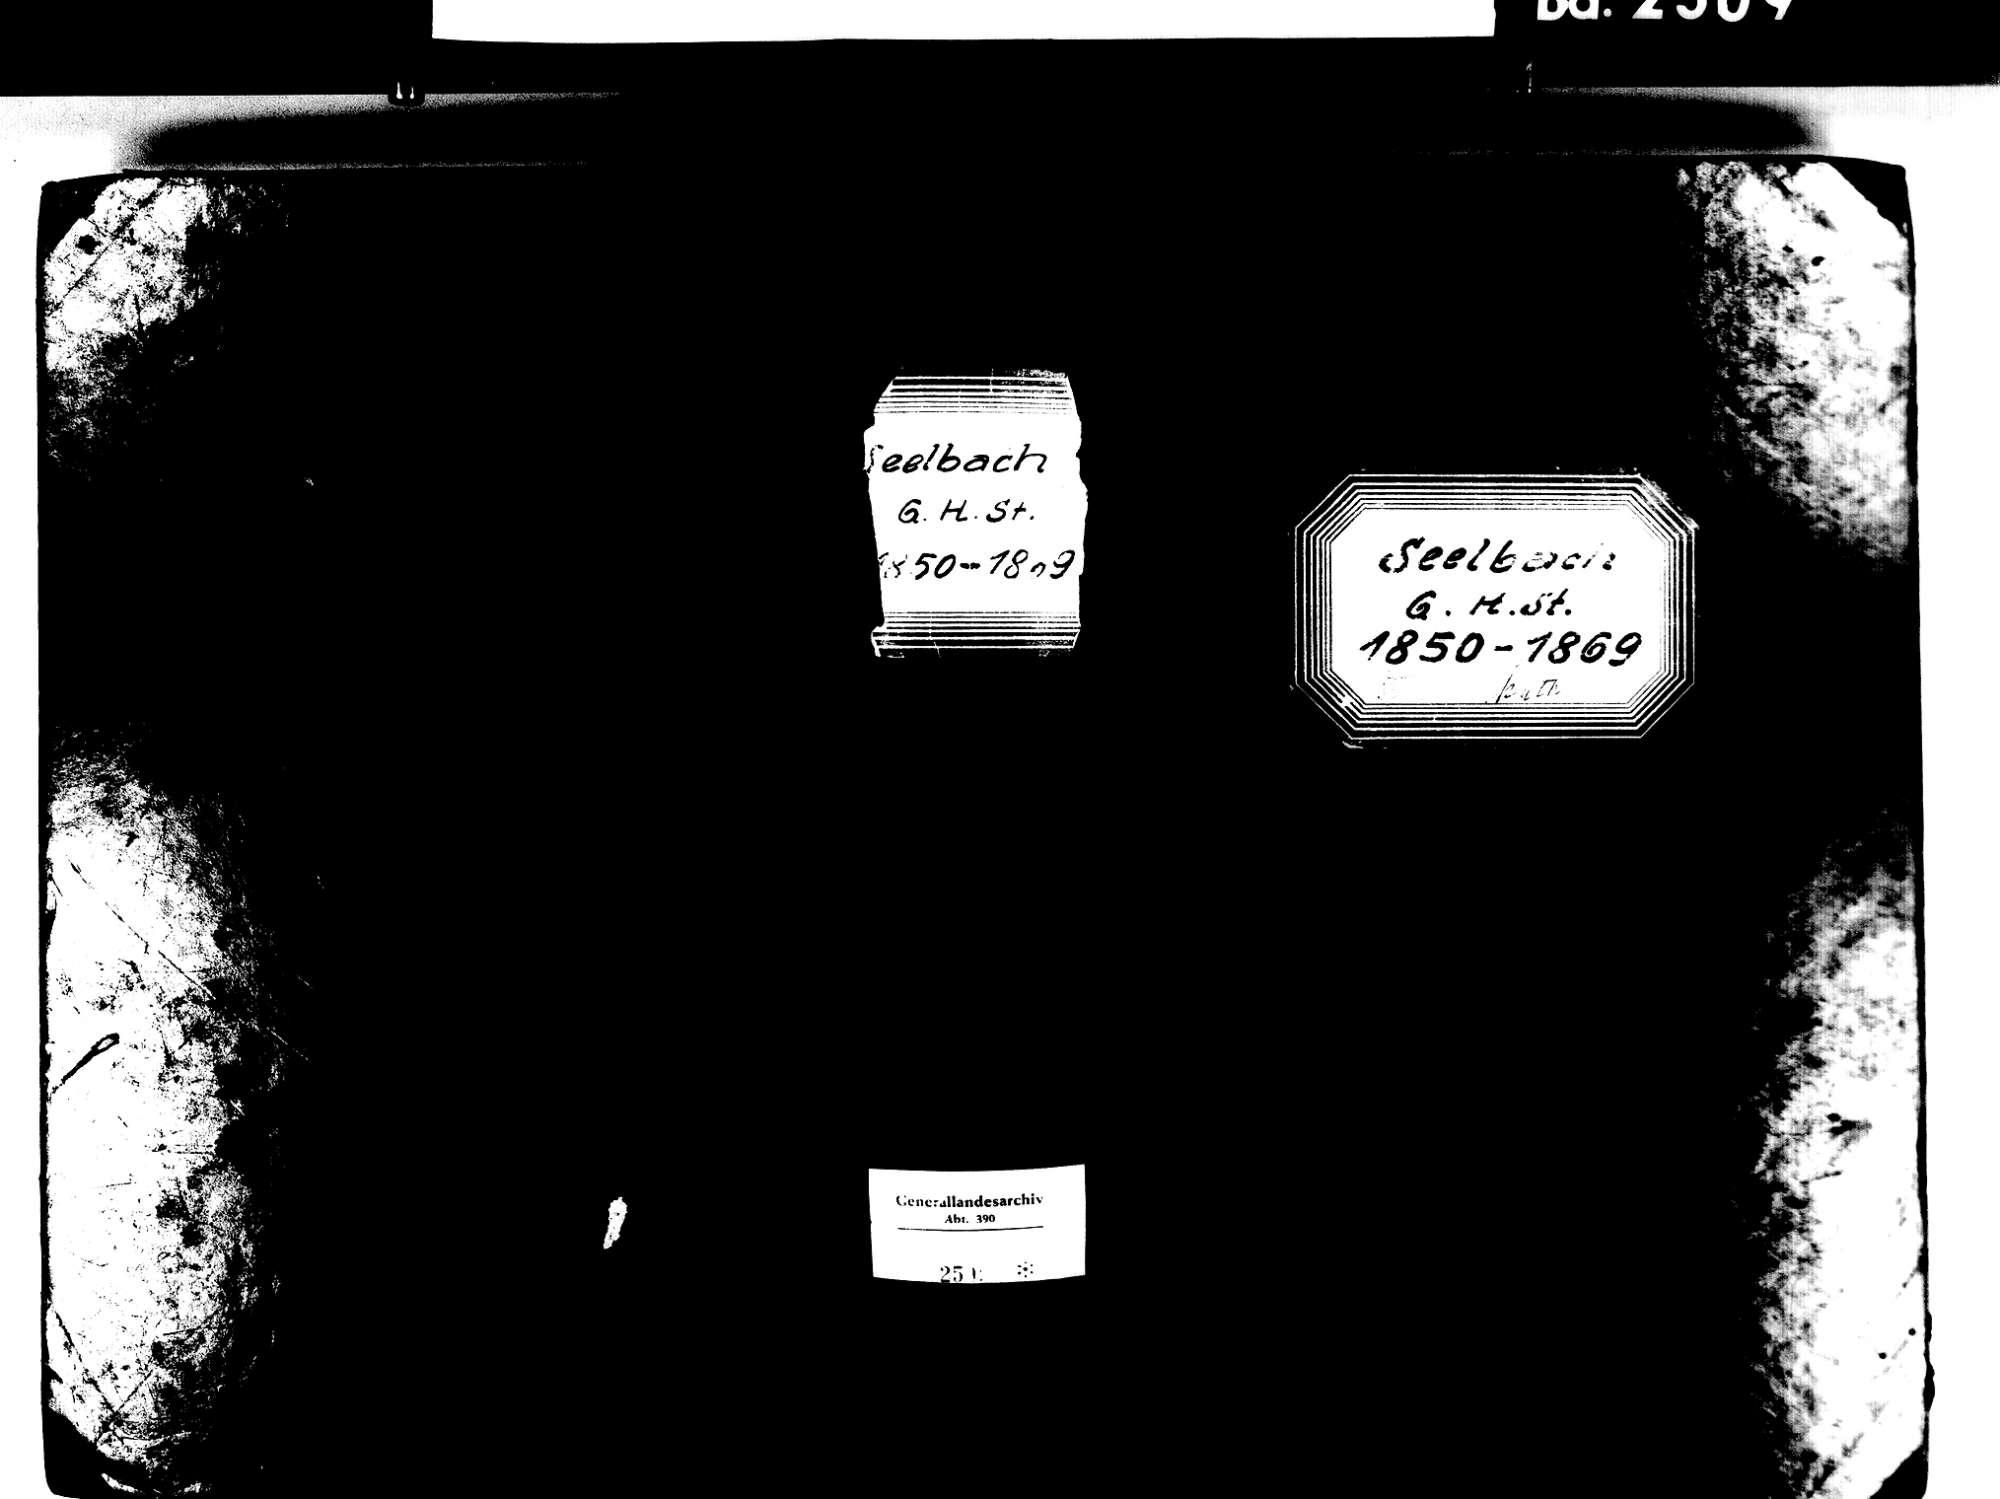 Seelbach OG; Katholische Gemeinde: Standesbuch 1850-1969, Bild 1